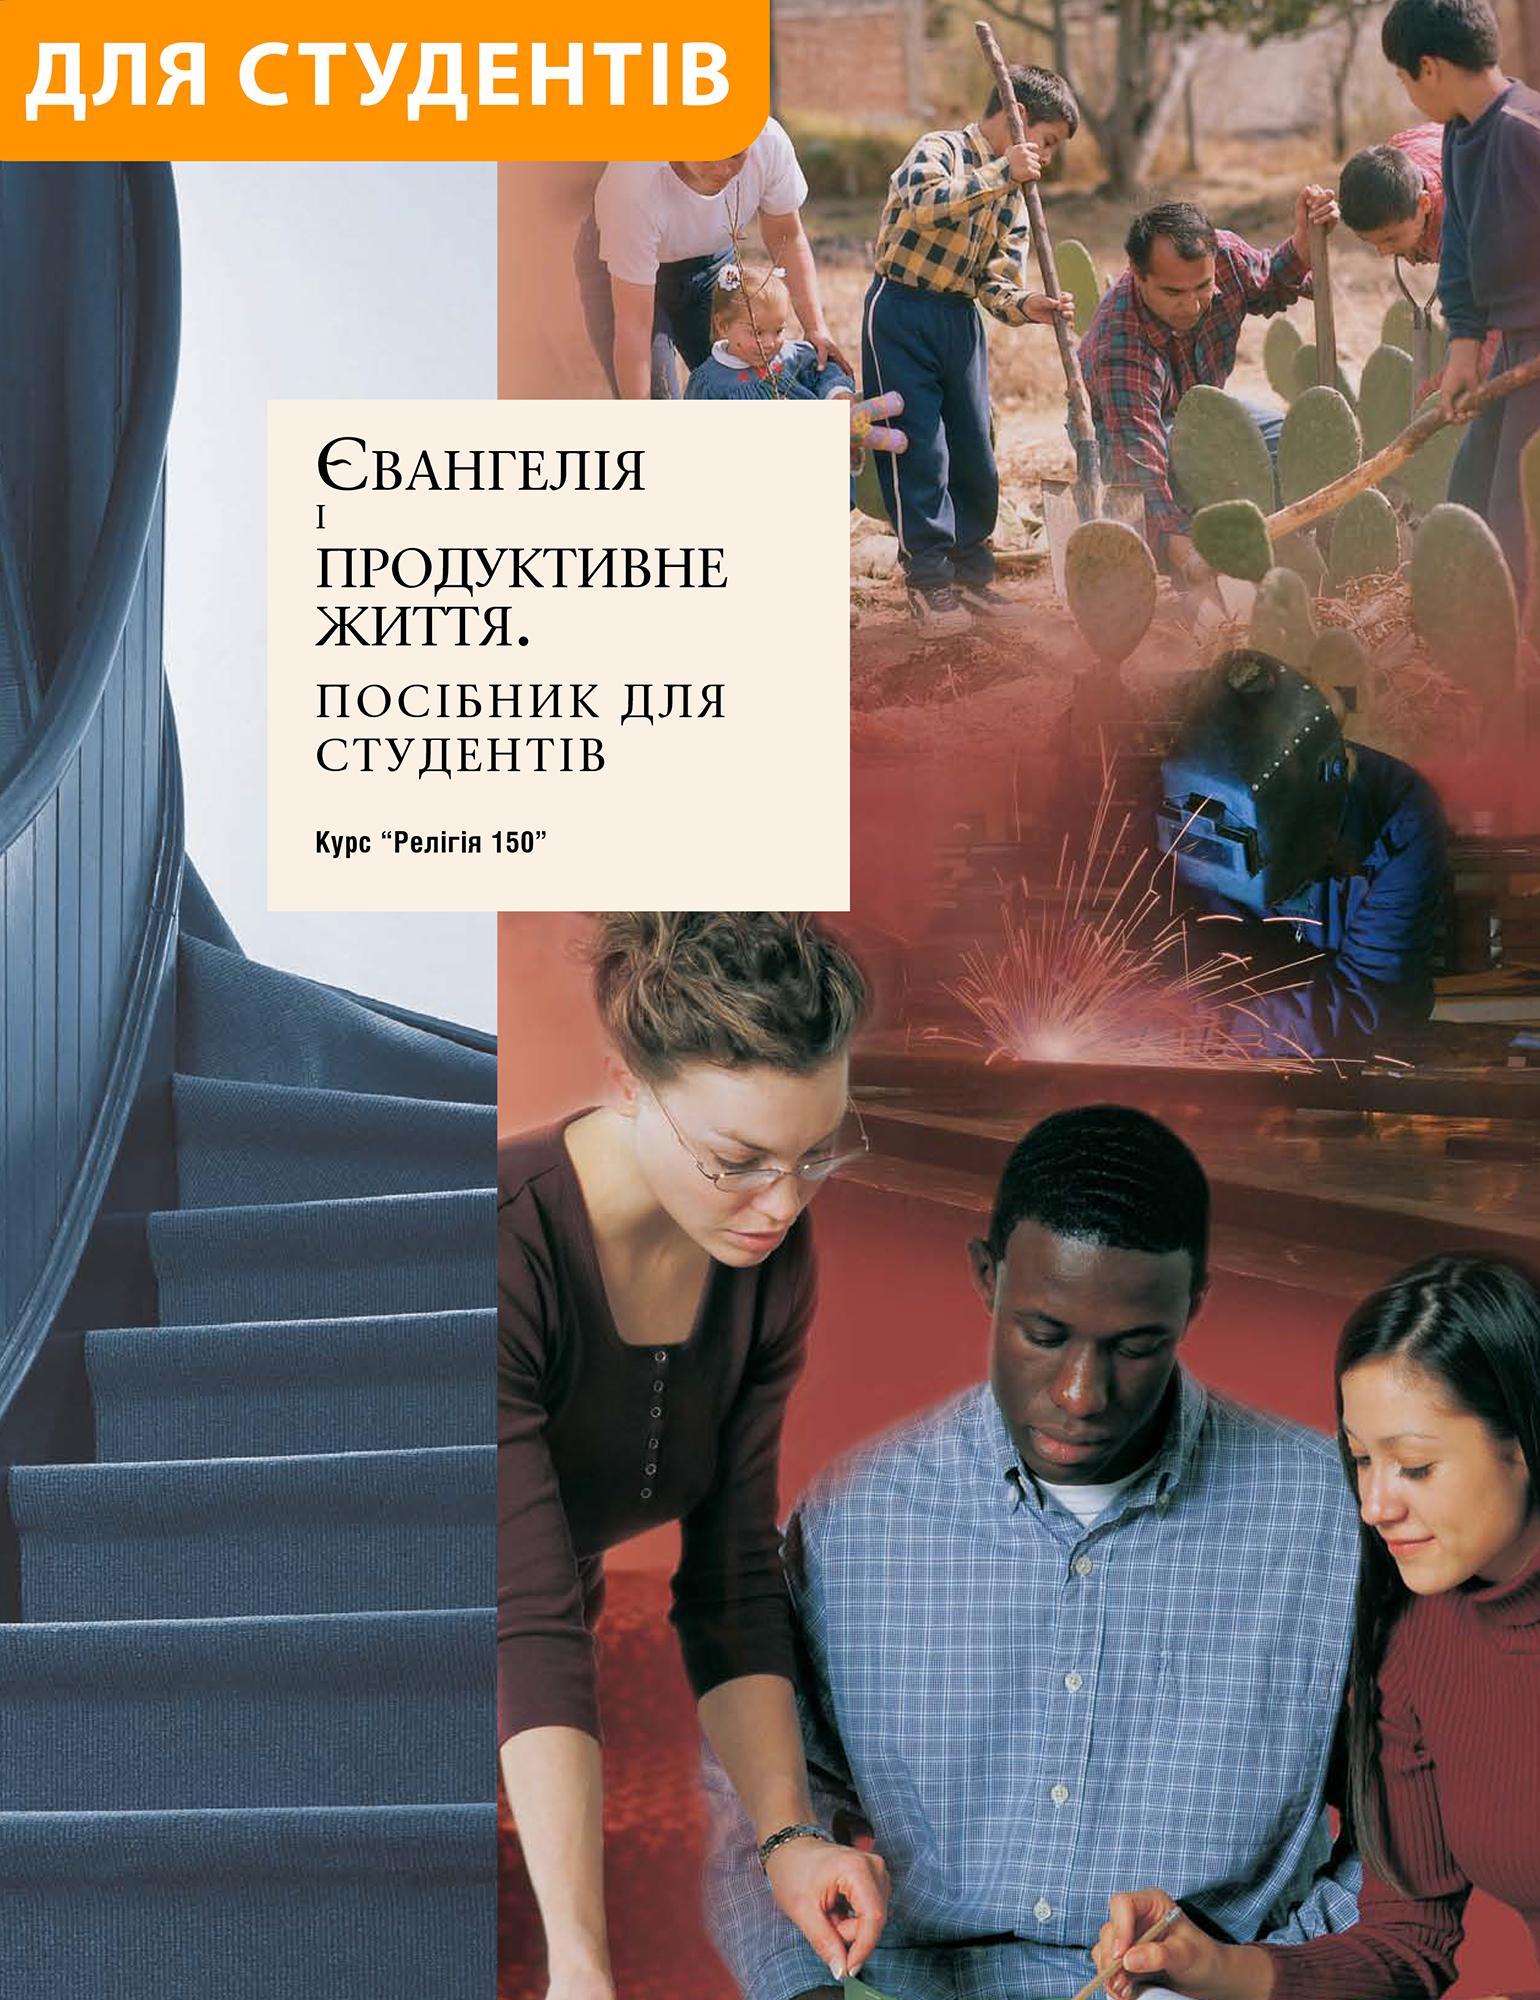 Євангелія і продуктивне життя. Посібник для студентів (Рел 150)